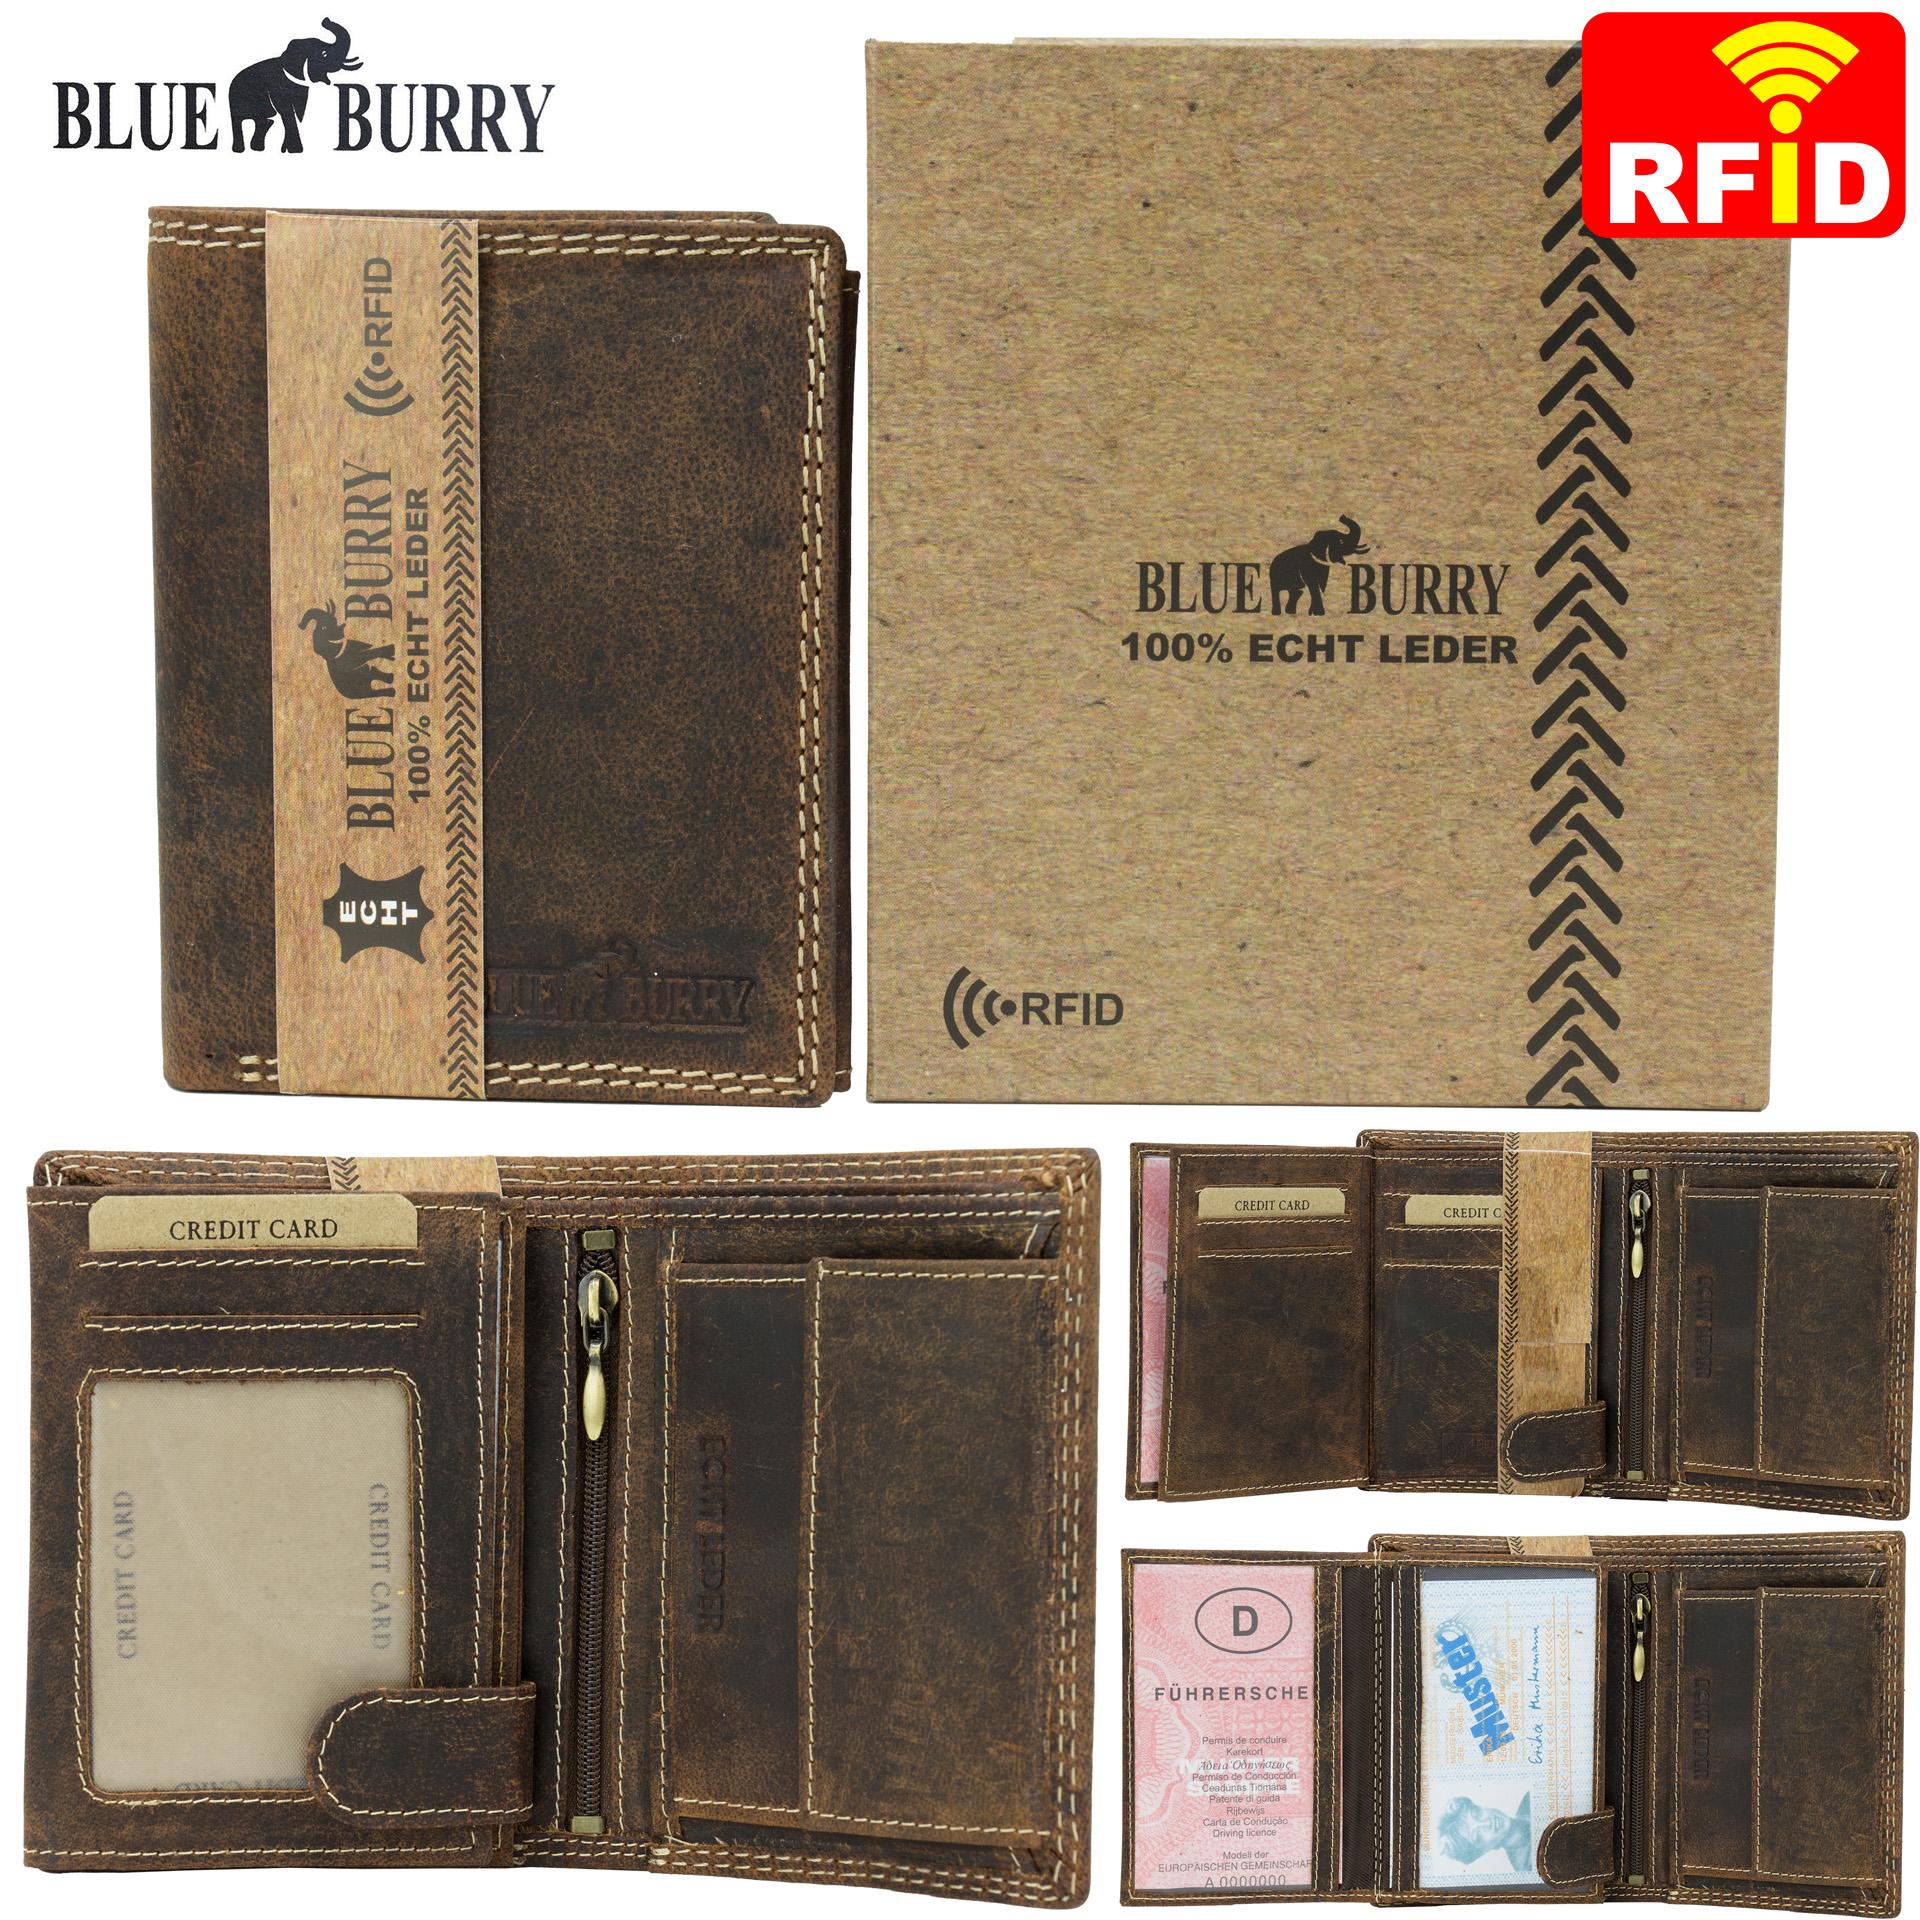 fc416de2f61d1 ... Vorschau  RFID Männer Portemonnaie aus Leder von Blue Burry RF01 in  Dunkelbraun ...